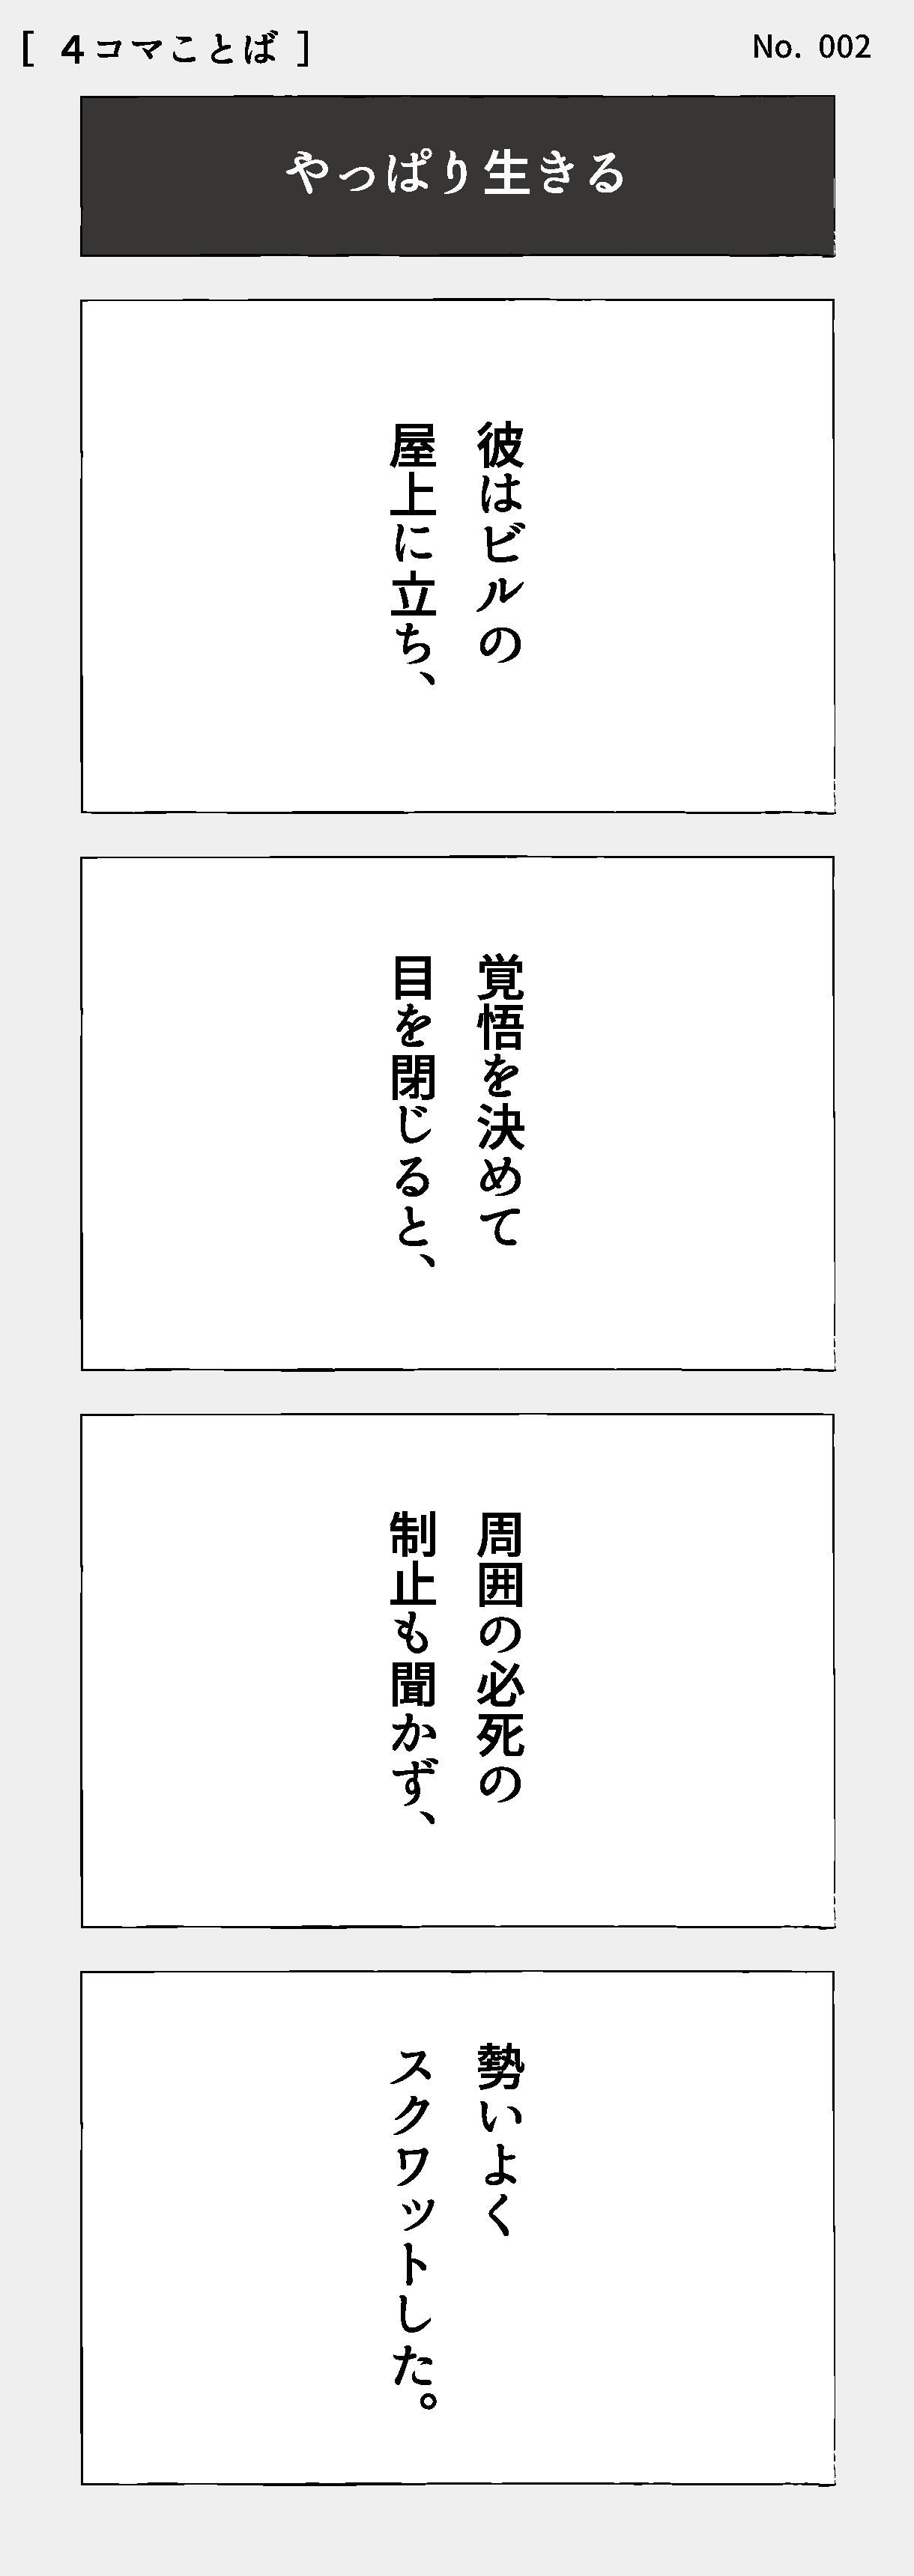 yonkoto002